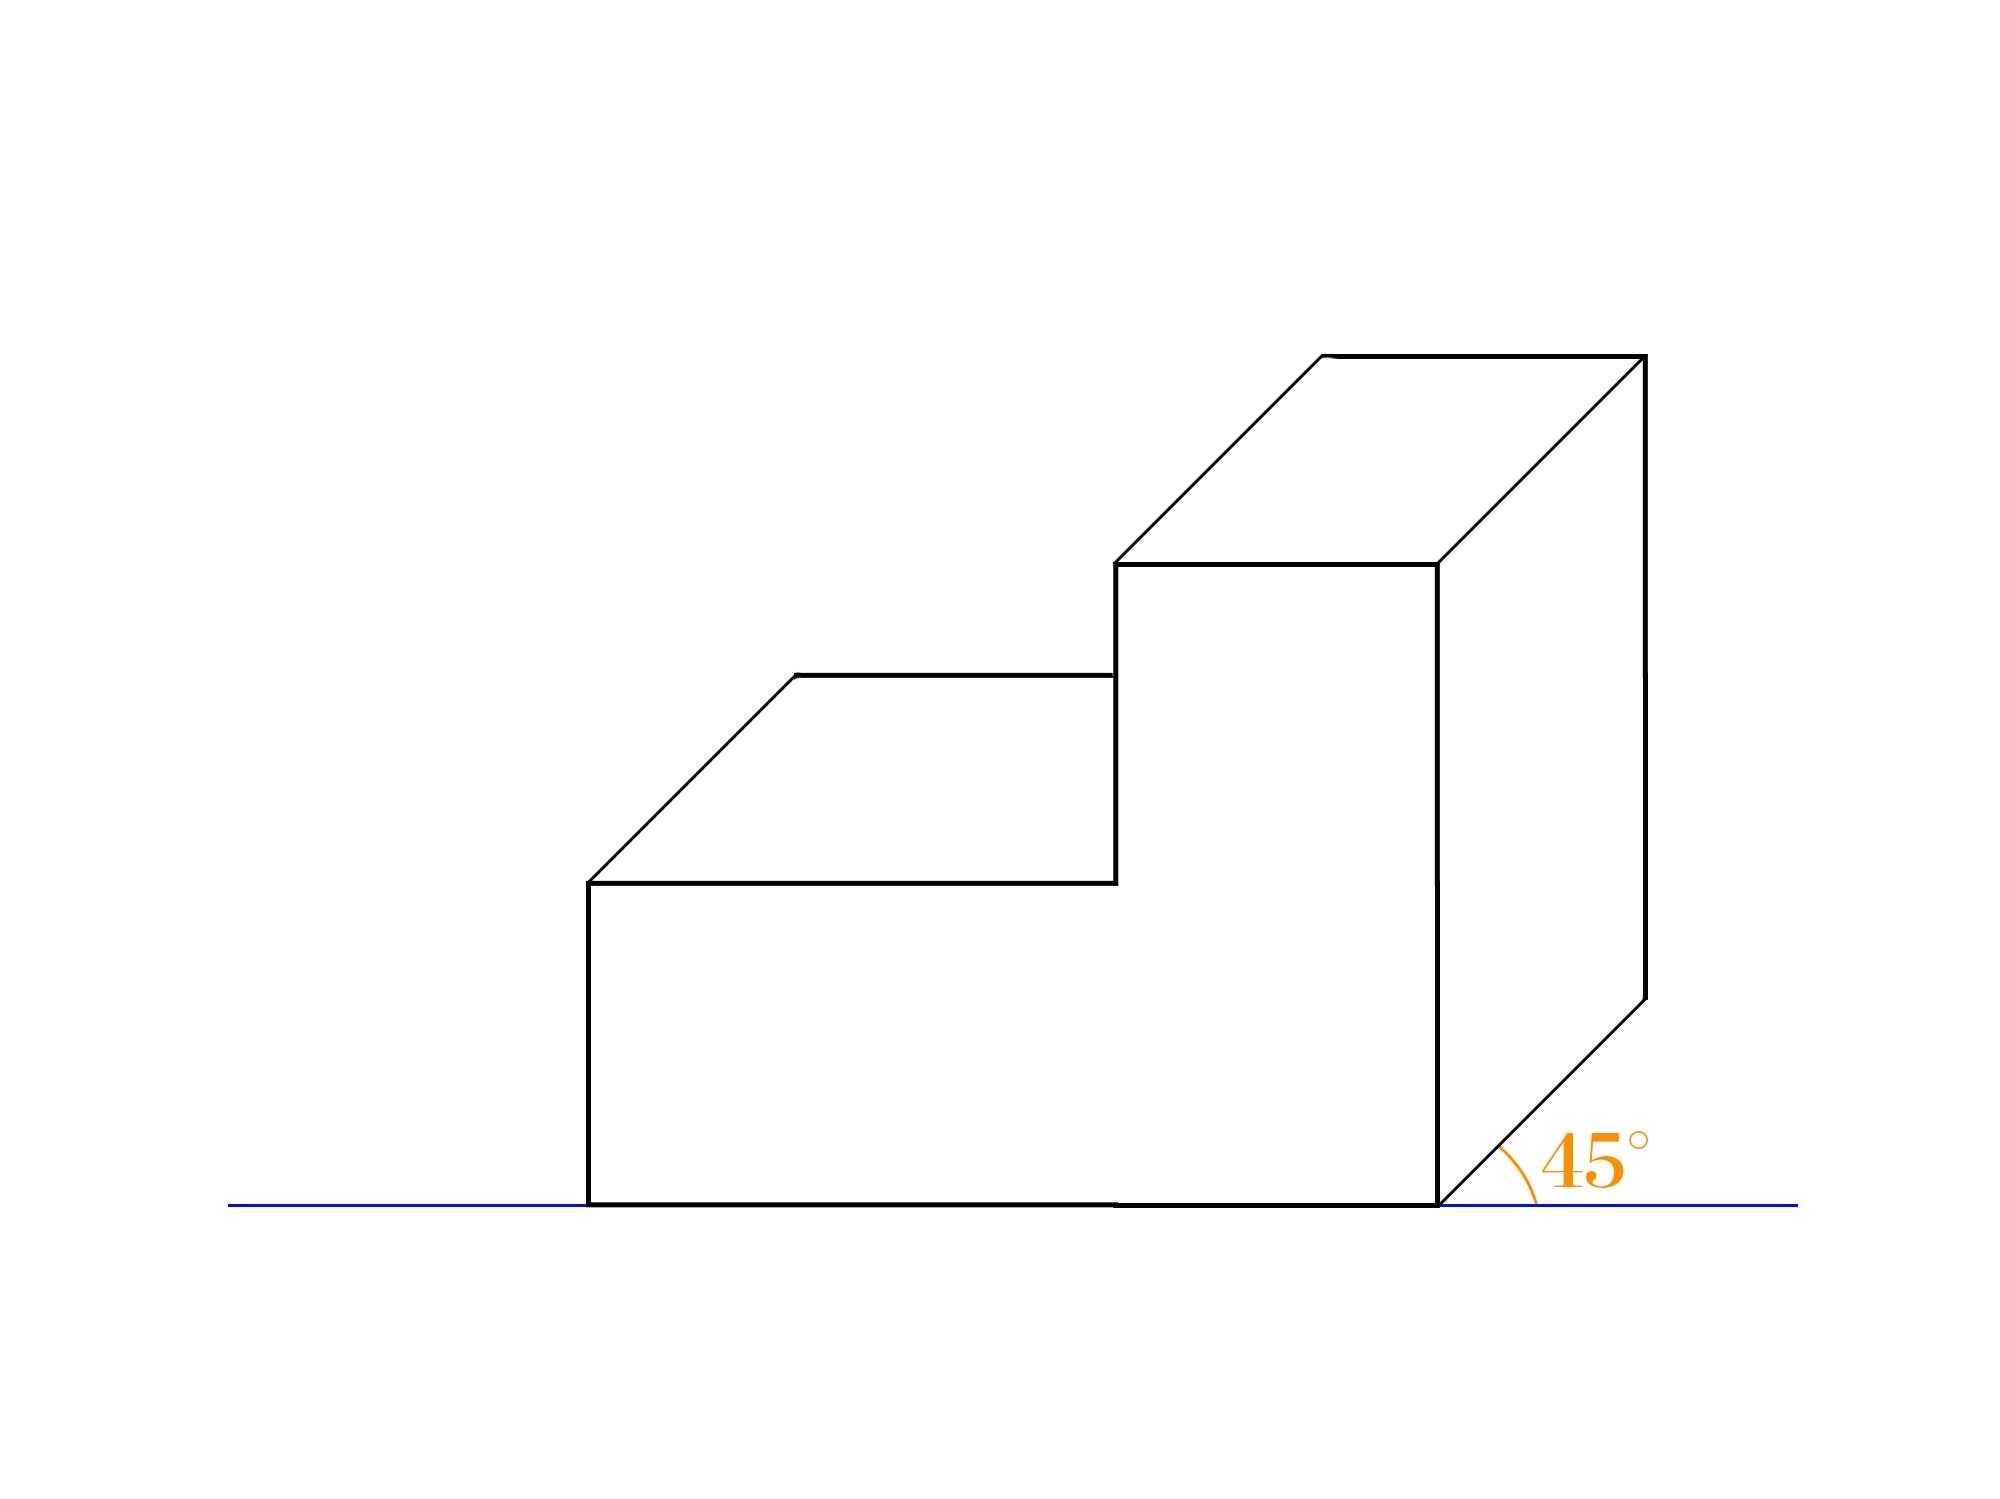 傾斜立面図とは